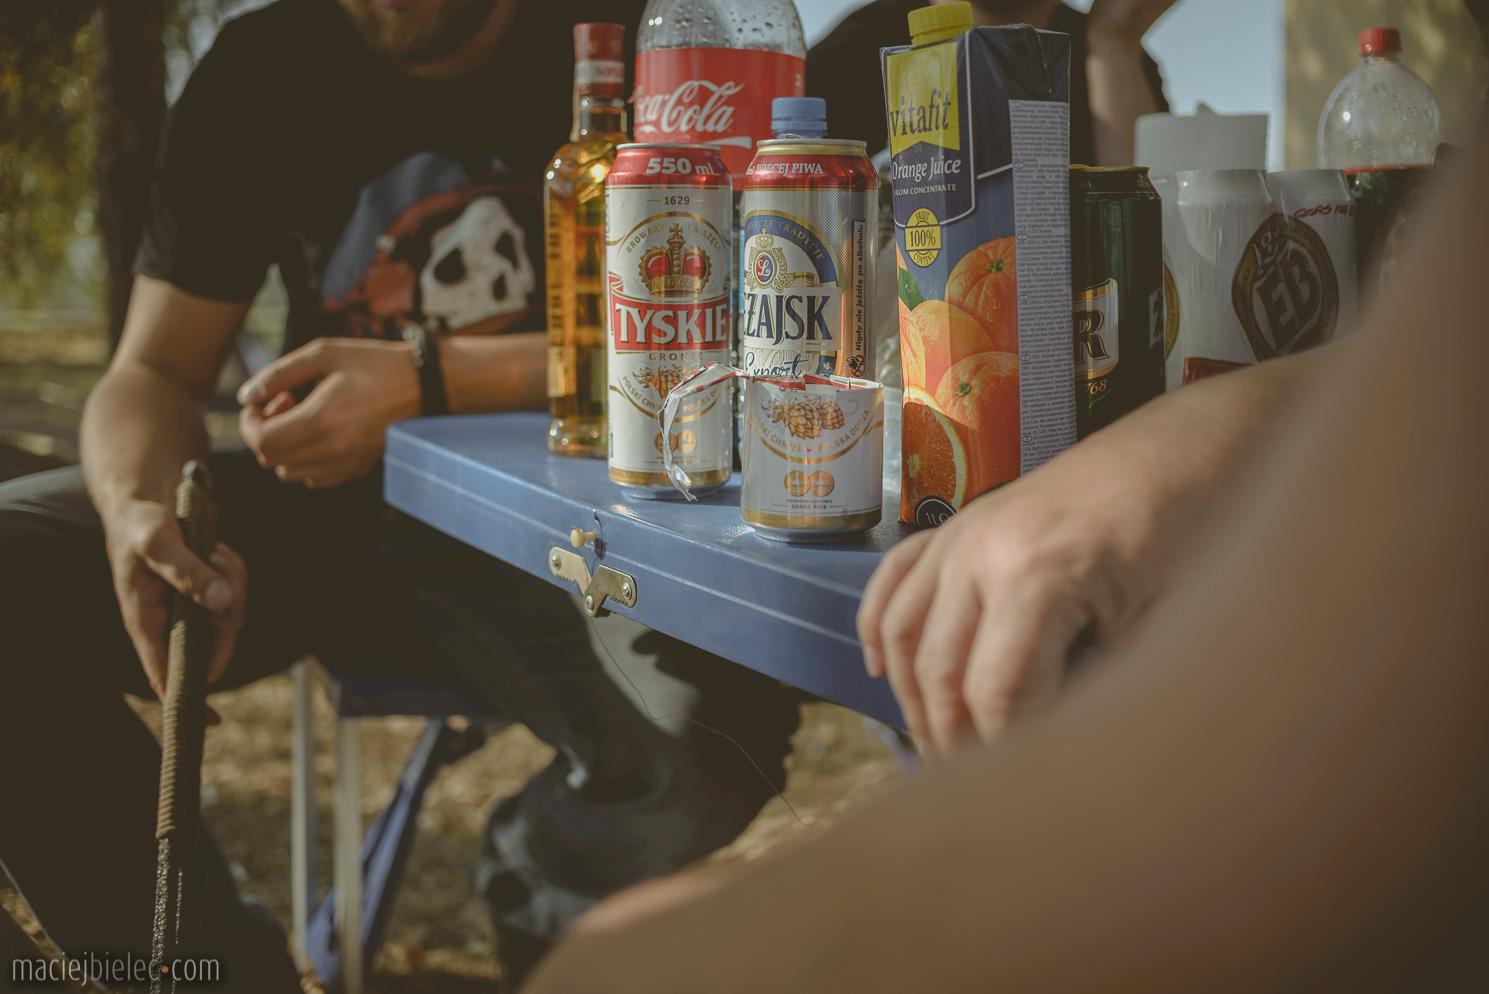 Szklanka z puszki po piwie